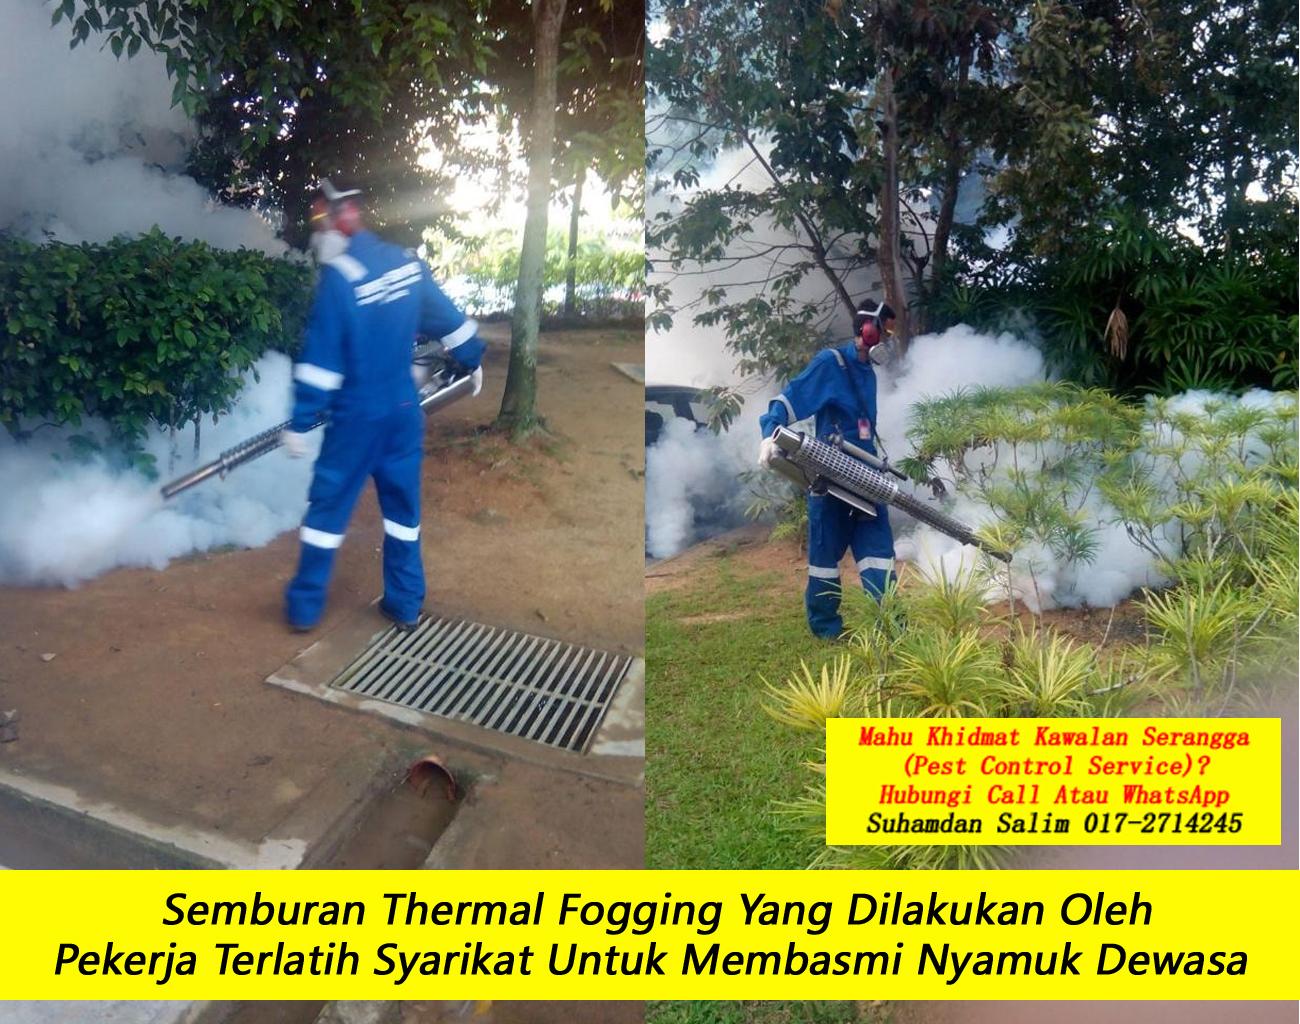 khidmat kawalan semburan nyamuk fogging larvaciding oleh syarikat kawalan serangga company pest control taman desa kl felda Sri Petaling perumahan kawasan perindustrian near me